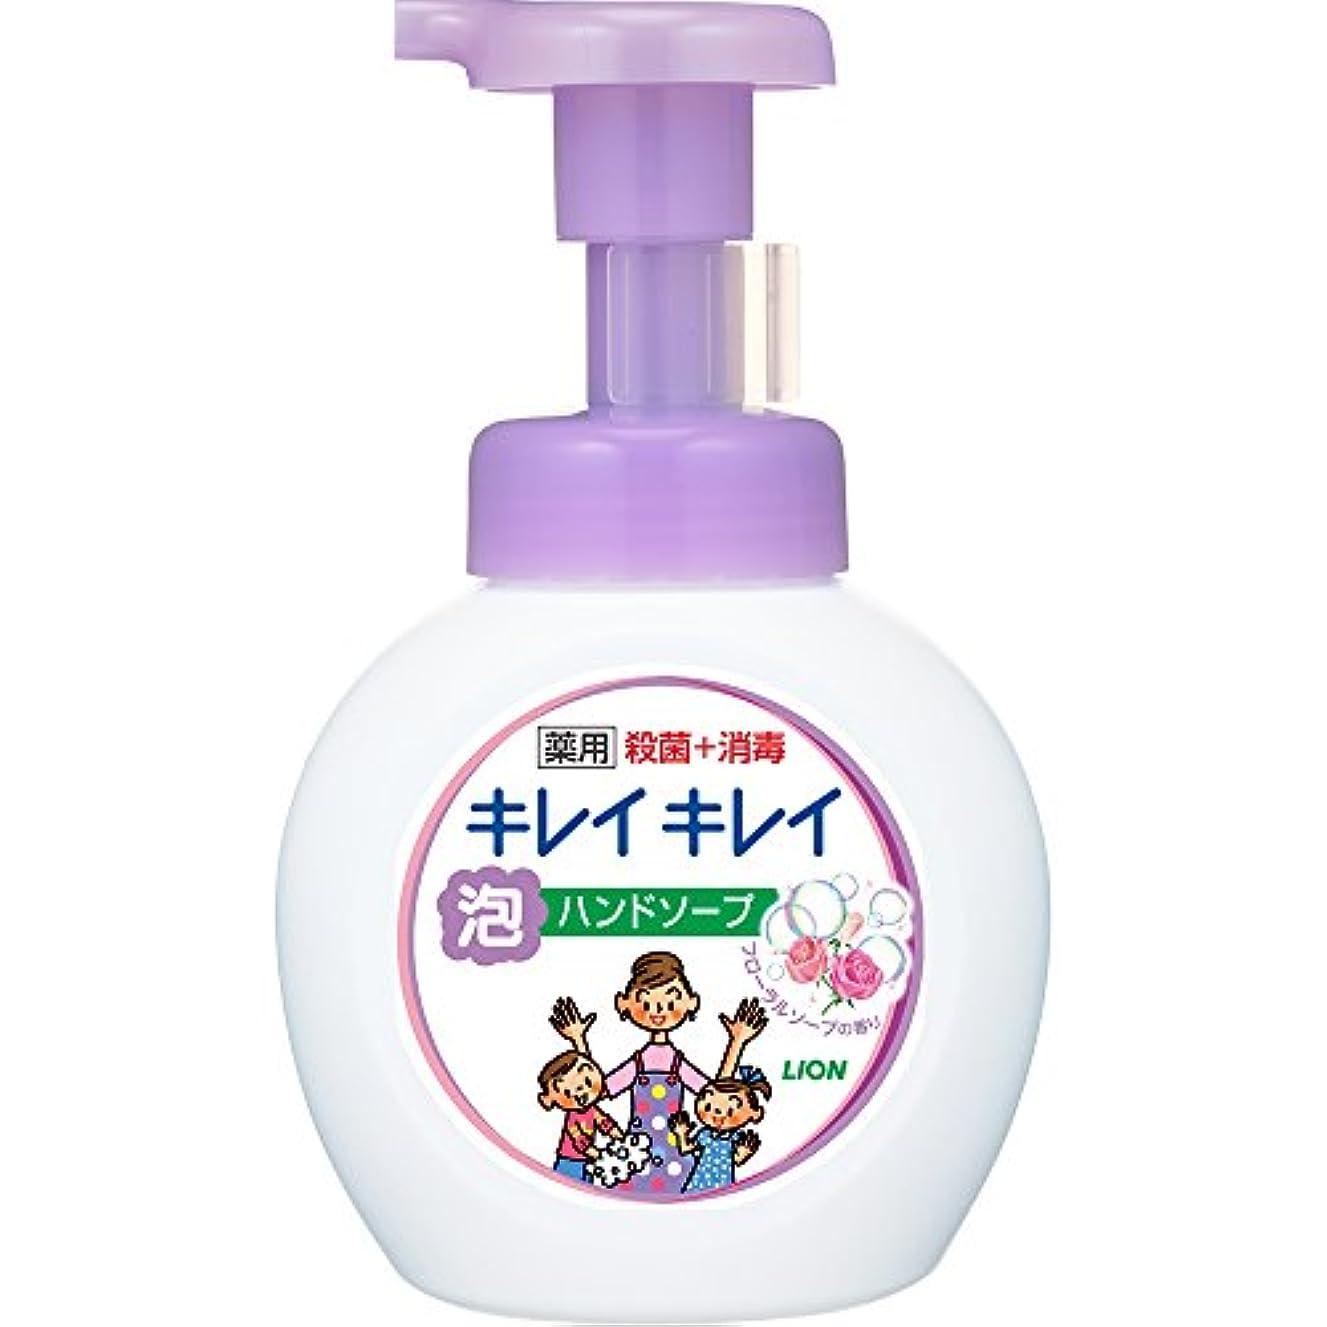 ニンニク知覚的すべてキレイキレイ 薬用泡ハンドソープ フローラルソープの香り 本体ポンプ 250mL